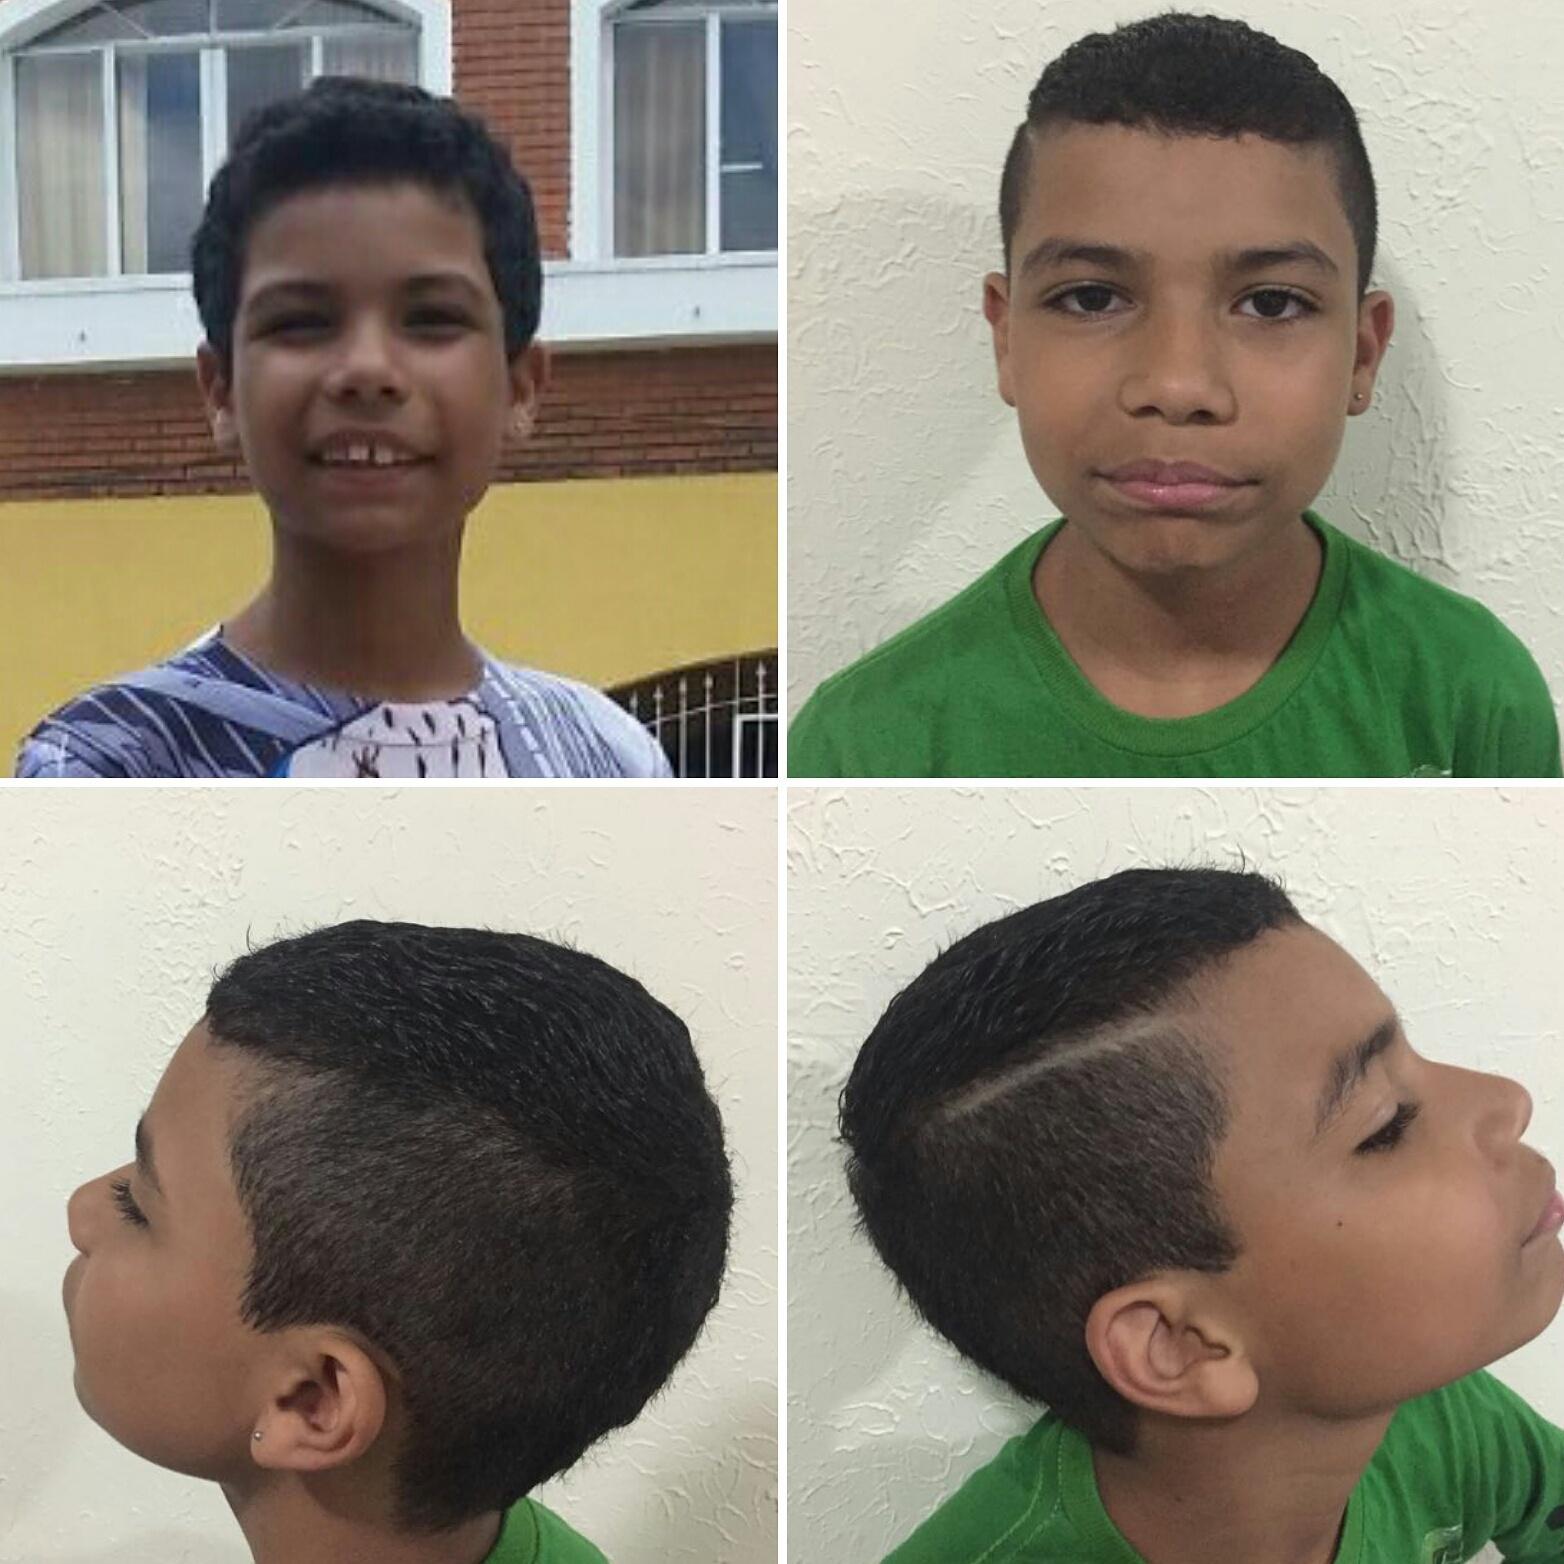 Corte masculino - Moicano baixo cabelo auxiliar cabeleireiro(a) estudante (cabeleireiro) cabeleireiro(a)